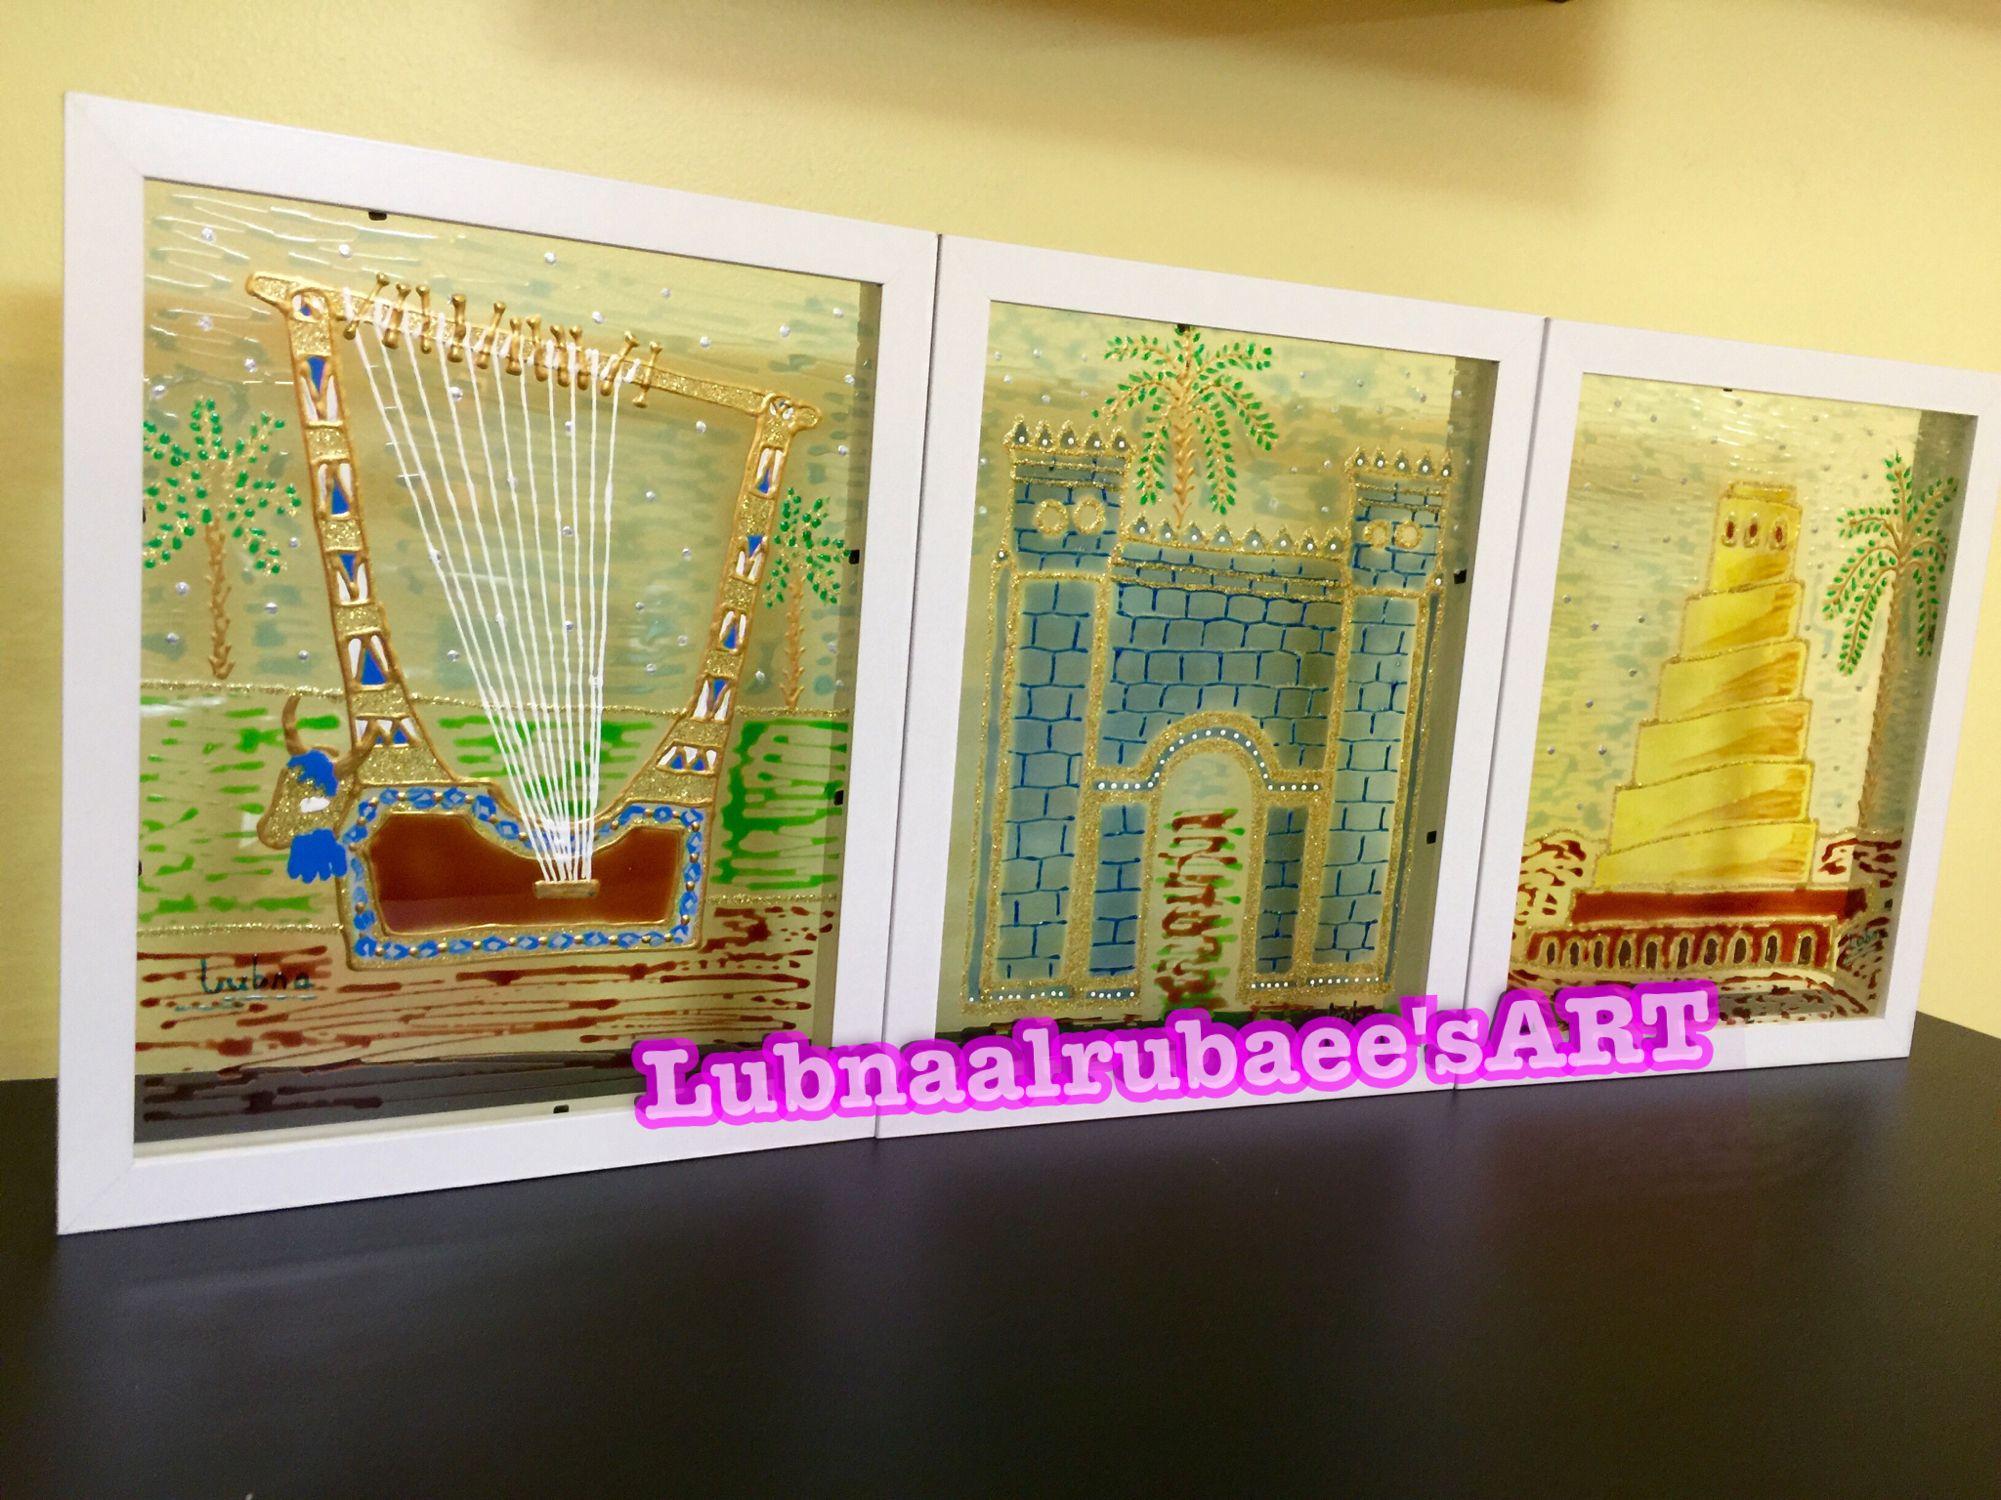 حضاره عراقيه بوابة عشتار الملويه القيثاره السومريه Iraqi Artist Lubnaalrubaee Sart Handcraft Art Glass Art